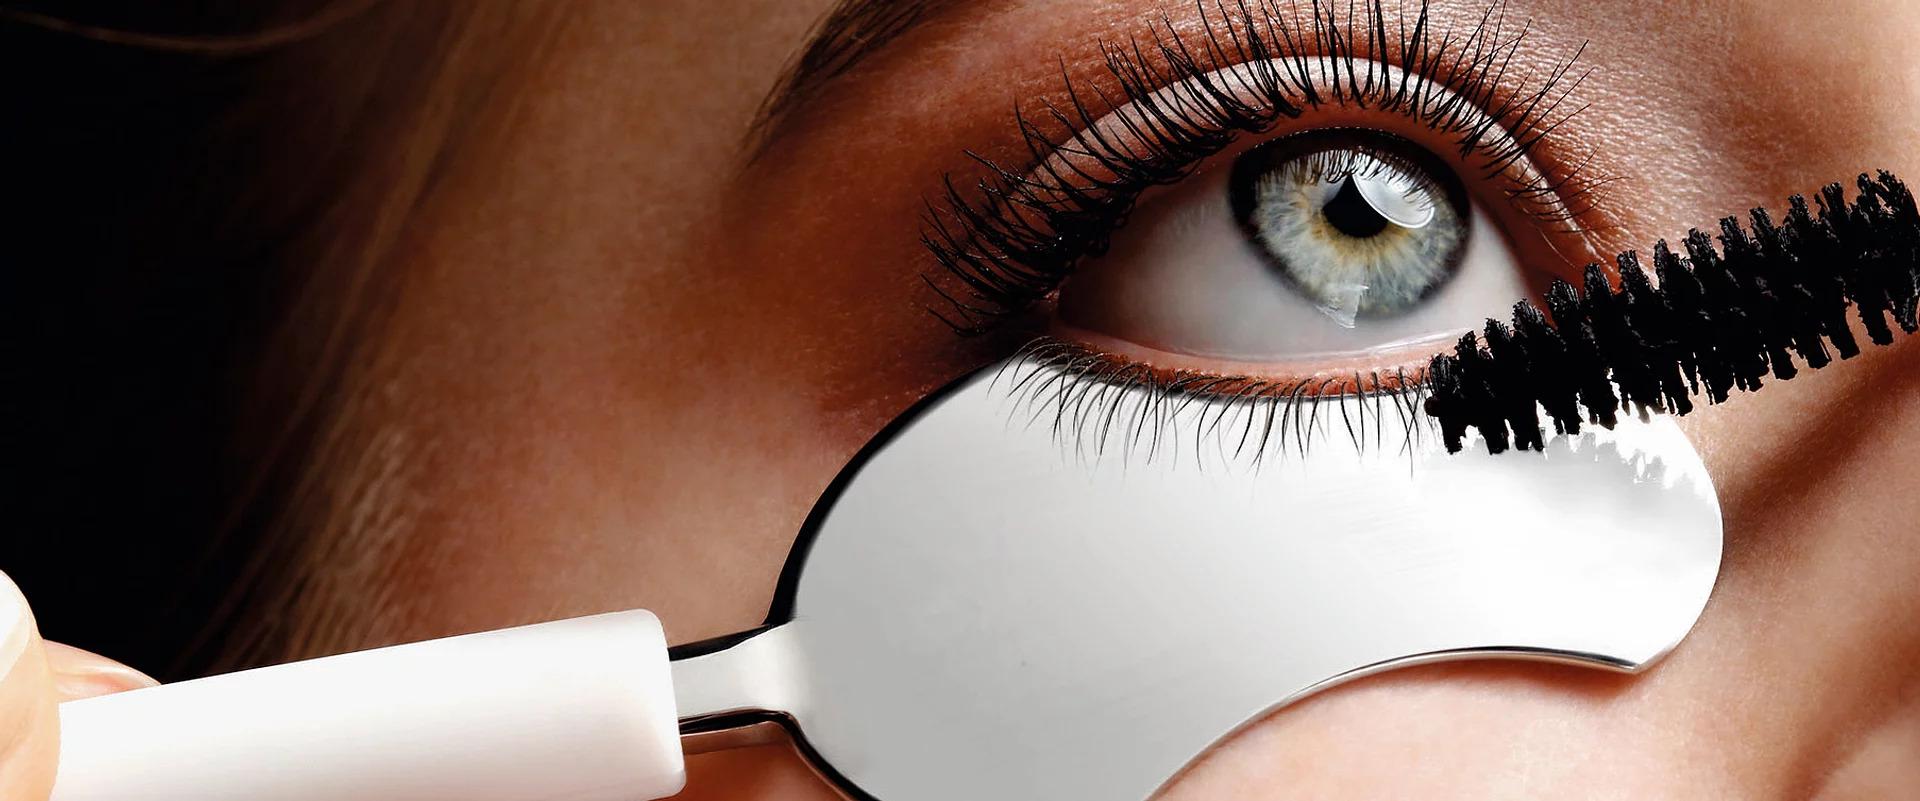 na'e eyelash spoon